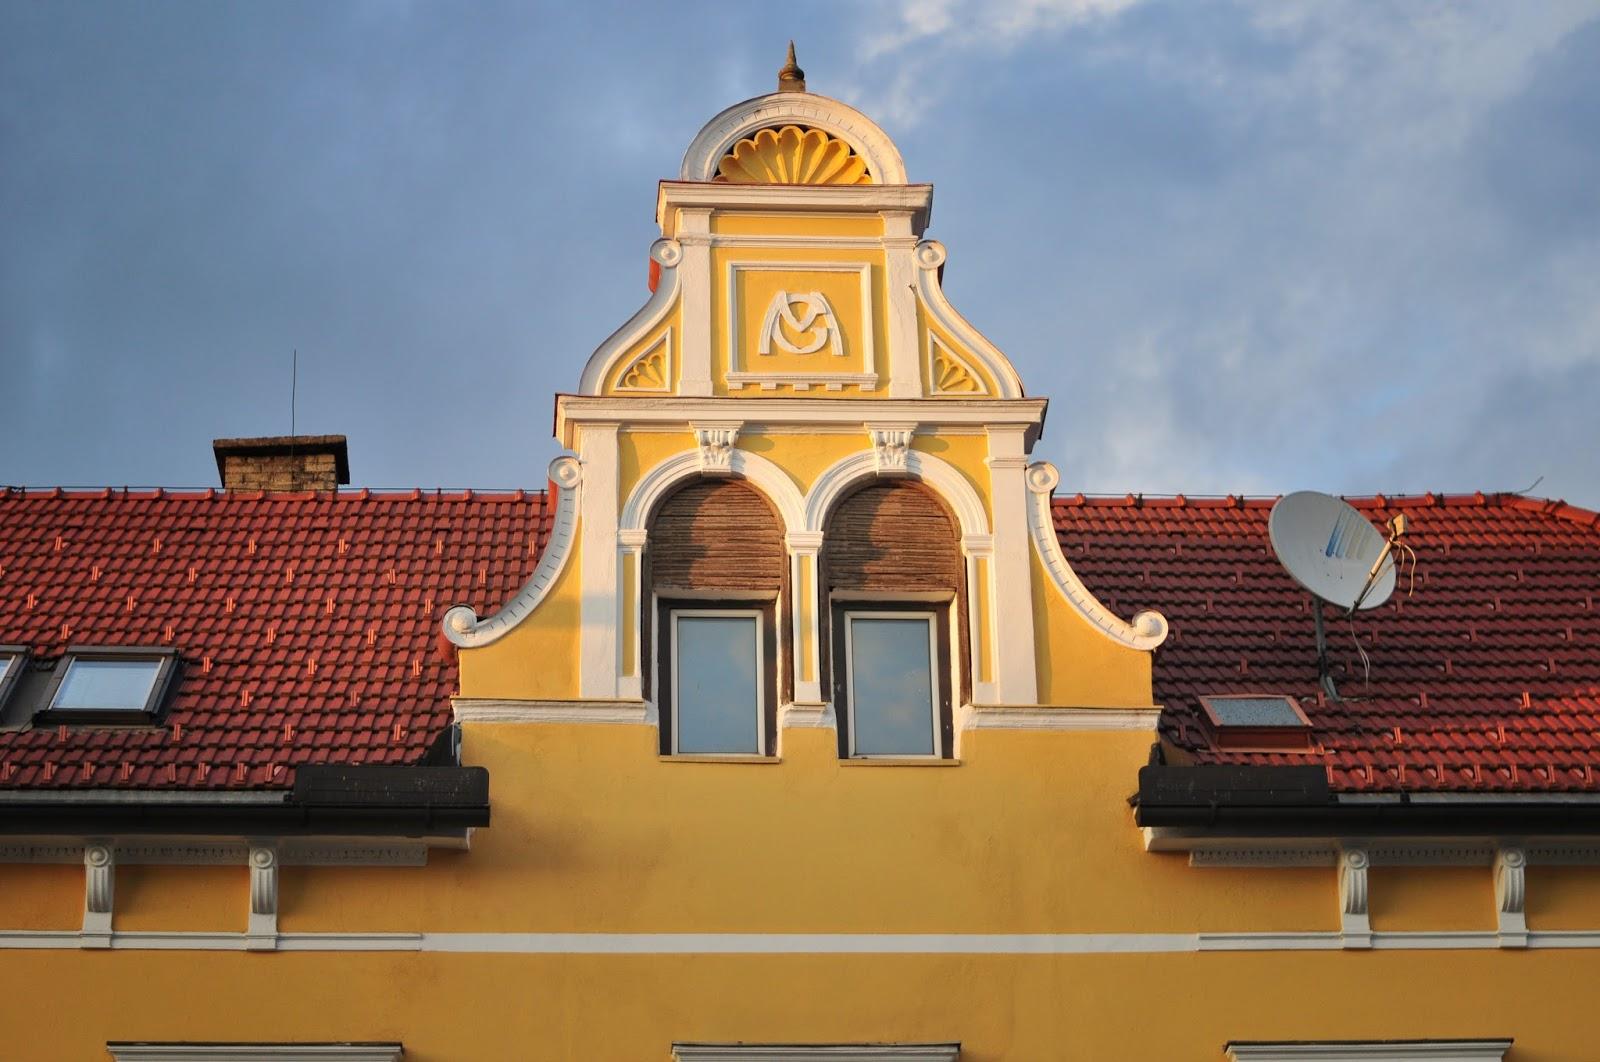 mieszkanie w Austrii, Graz, thedailywonders